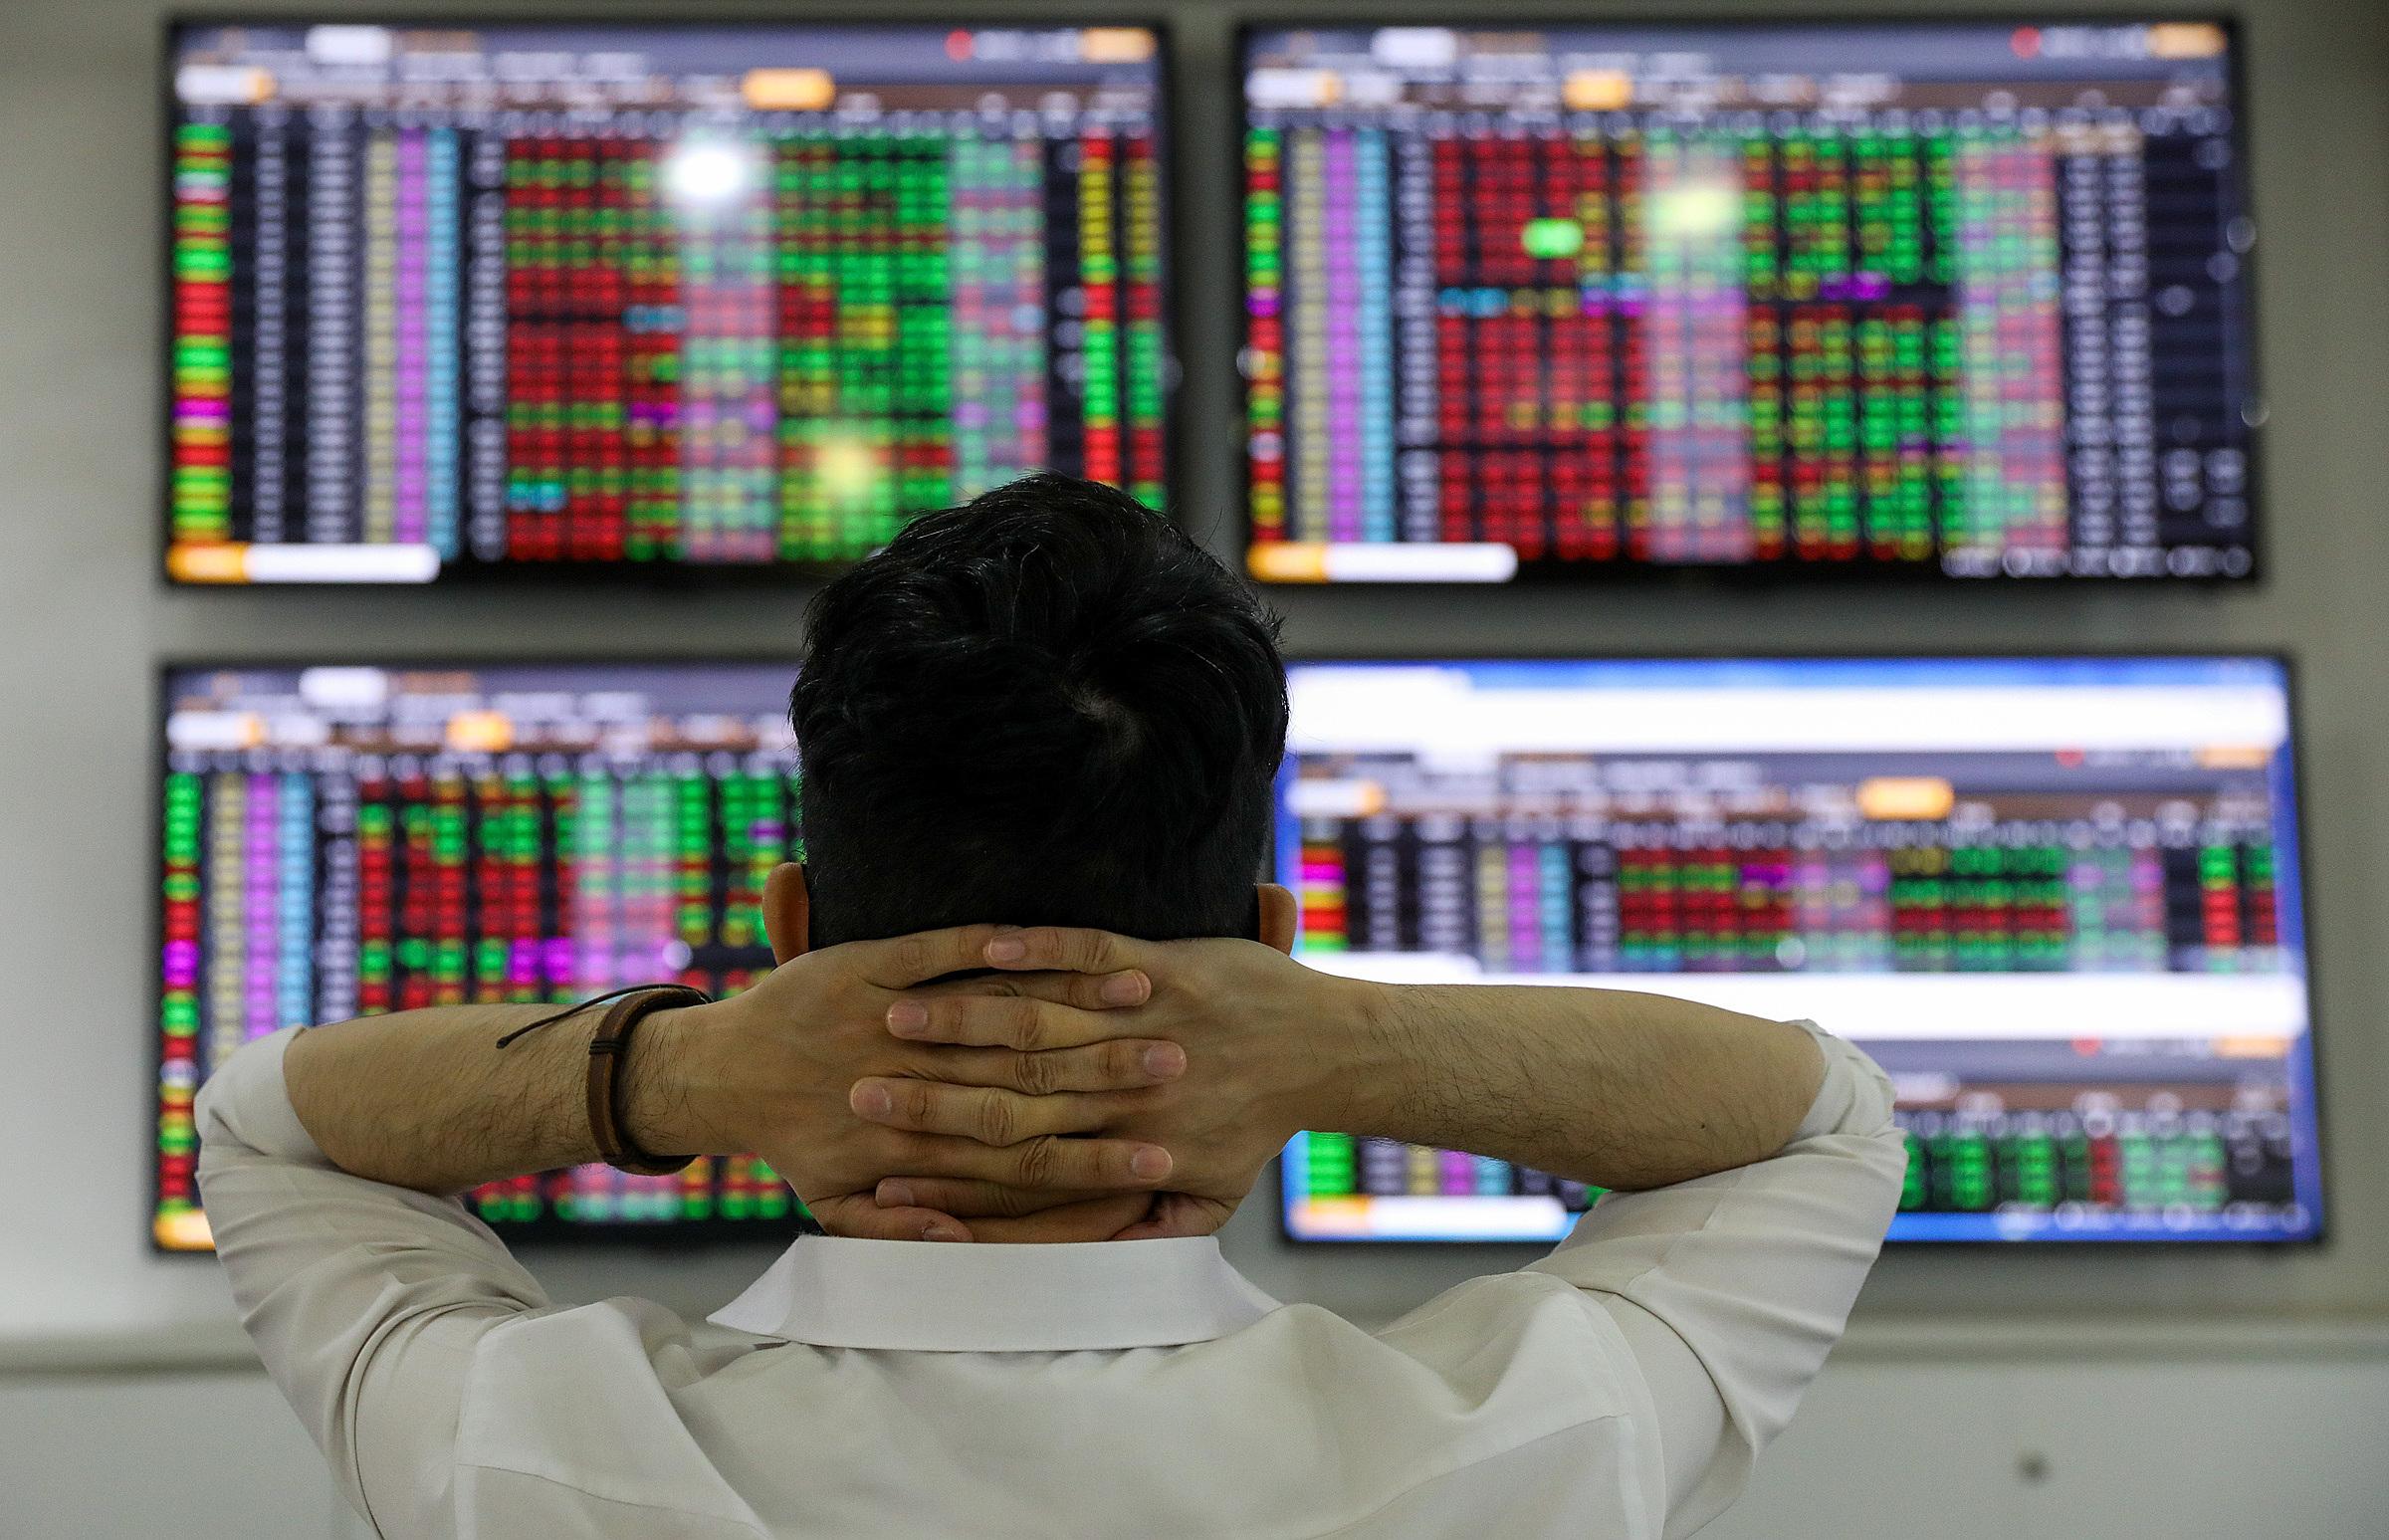 Nhà đầu tư đang quan sát bảng giá tại một công ty chứng khoán ở TP HCM. Ảnh: Quỳnh Trần